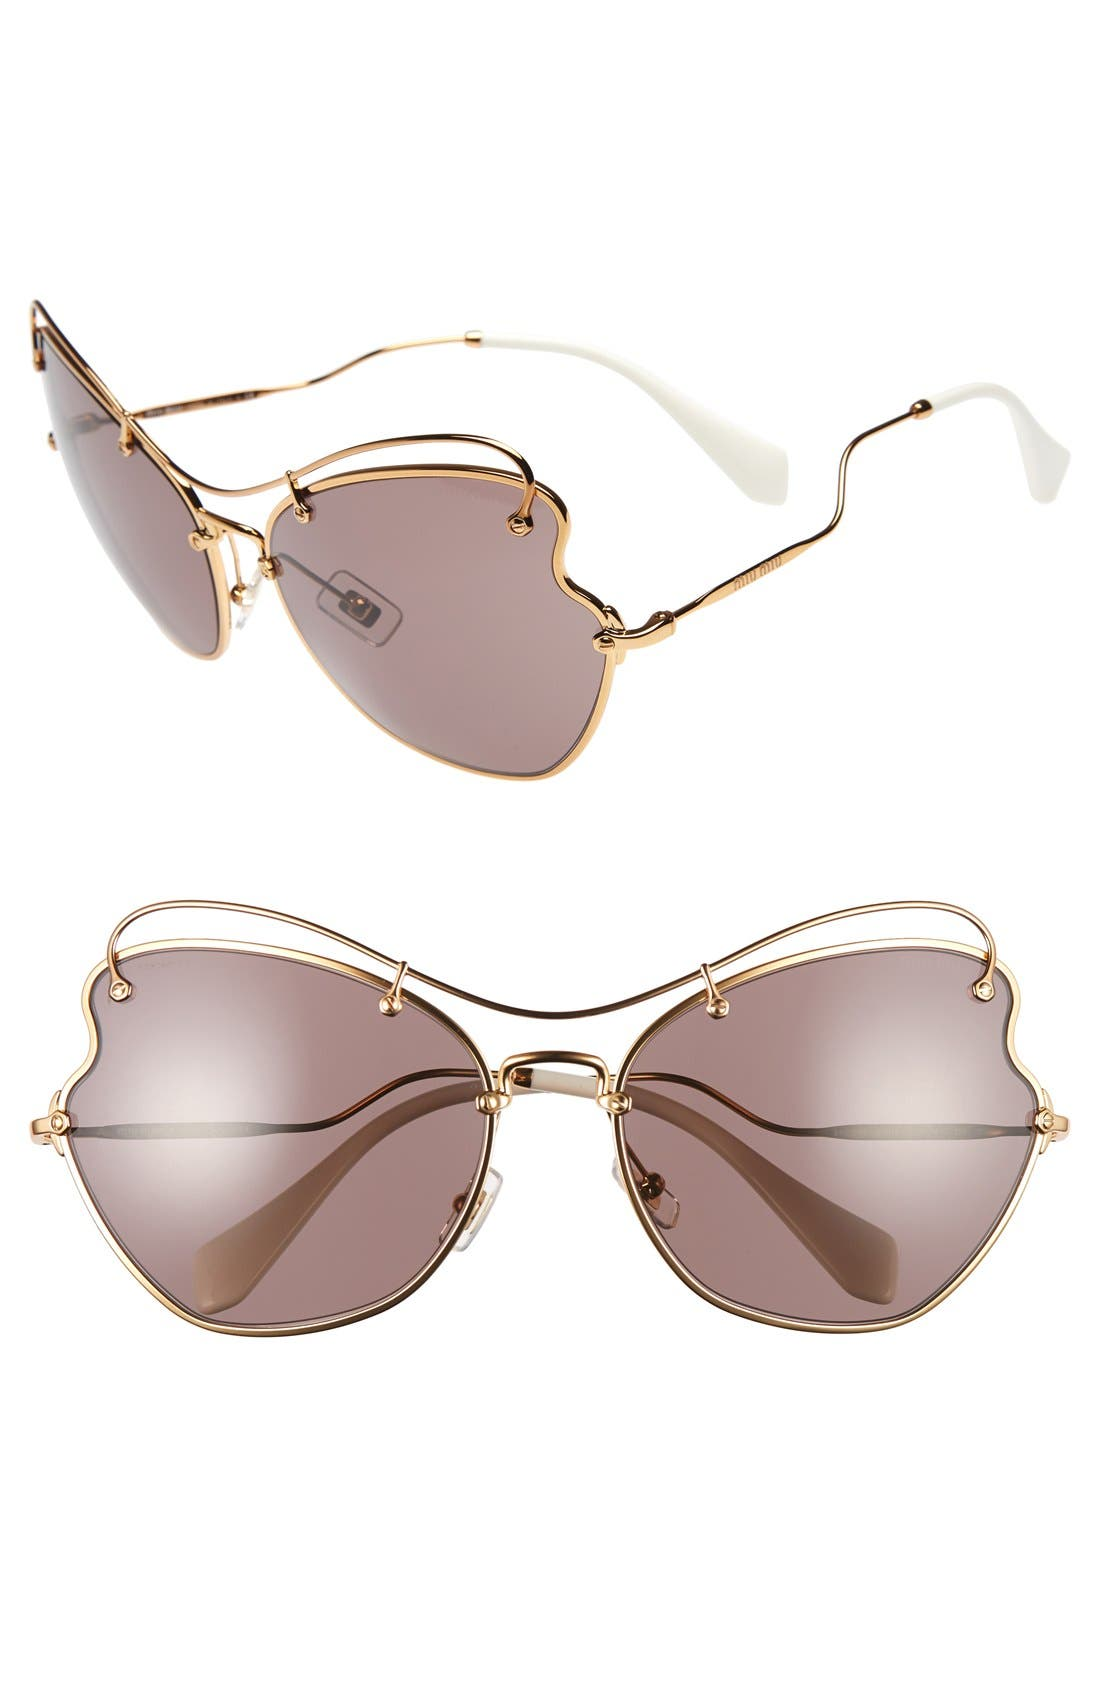 Main Image - Miu Miu 65mm Sunglasses